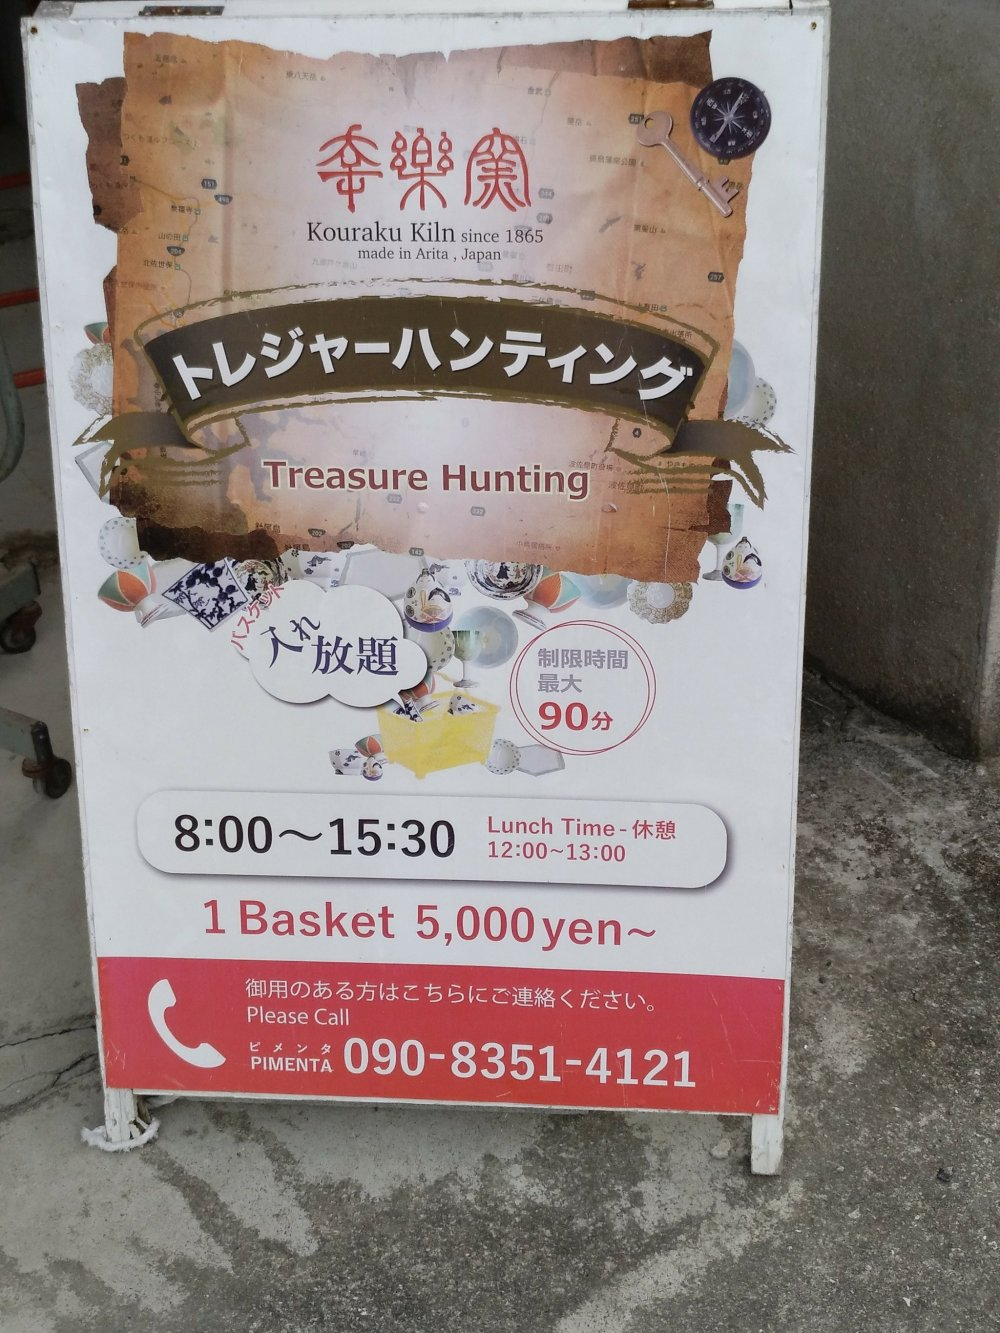 """O programa de """"Caça ao Tesouro"""" desta fábrica de cerâmica foi o primeiro do seu género no Japão. Ainda hoje é um dos melhores, e sem dúvida uma oportunidade divertida e económica para encher a cesta de boas compras."""